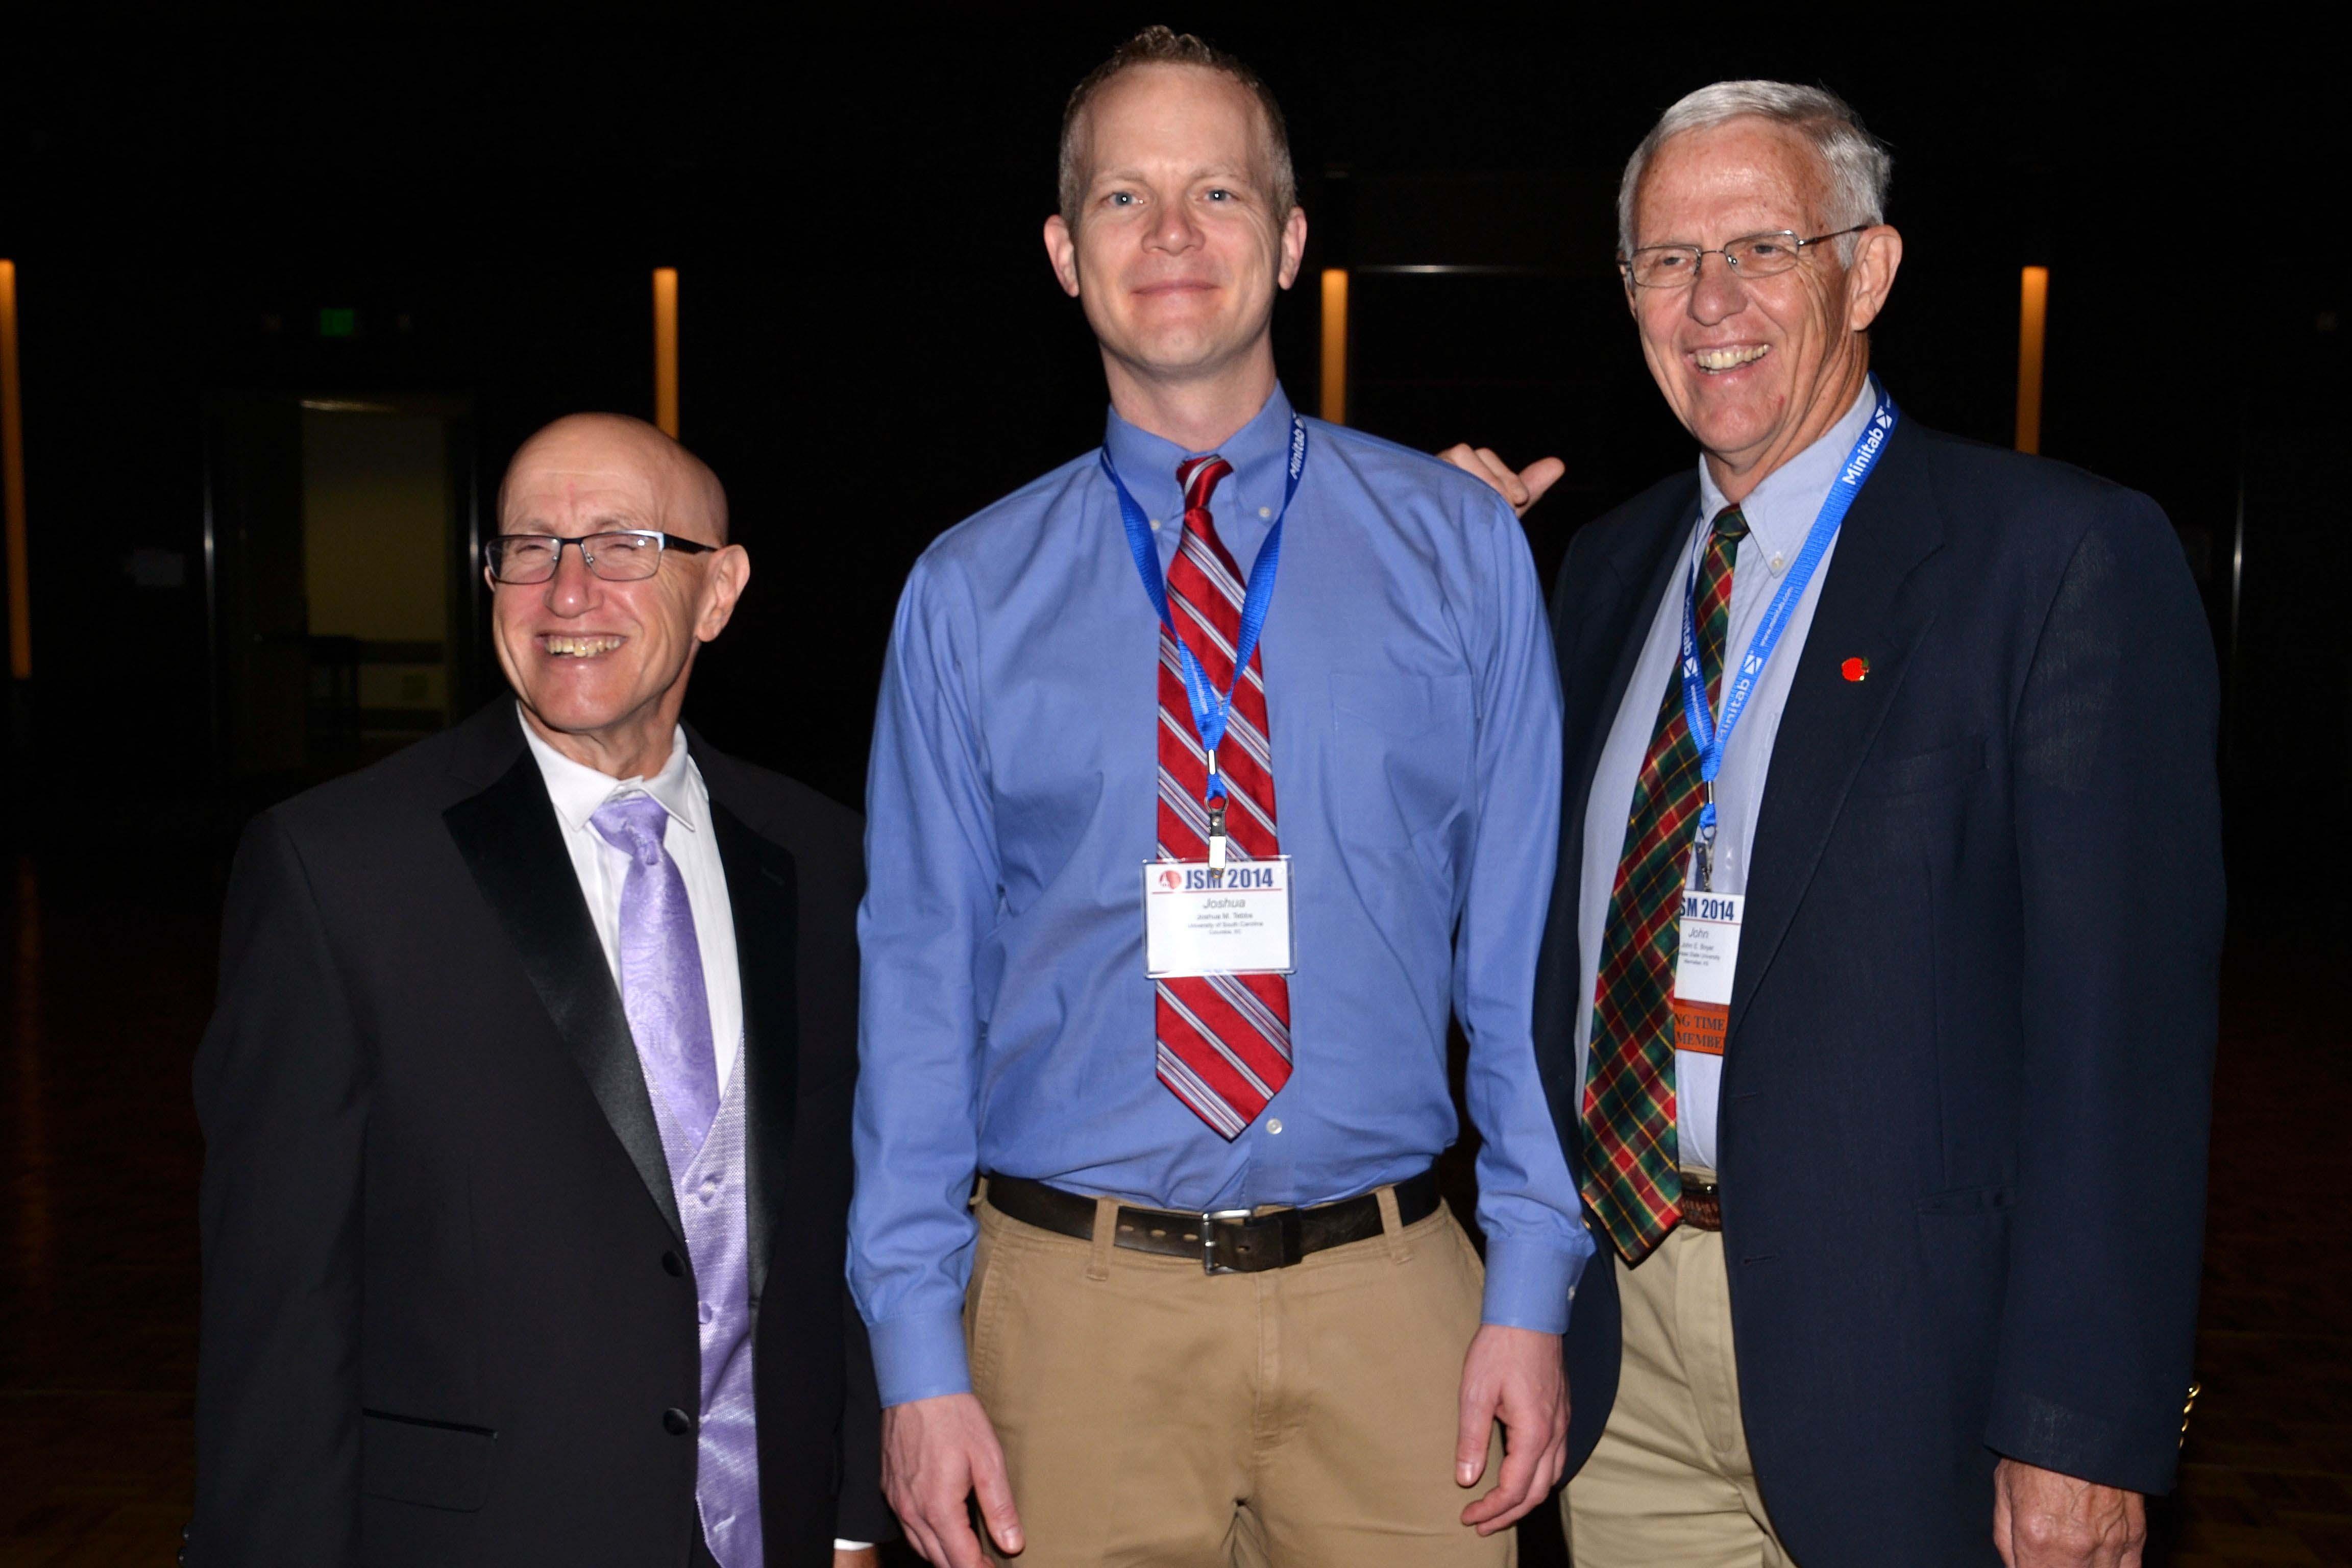 ASA President Ron Wasserstein with 2014 Fellows Joshua Tebbs and John Boyer